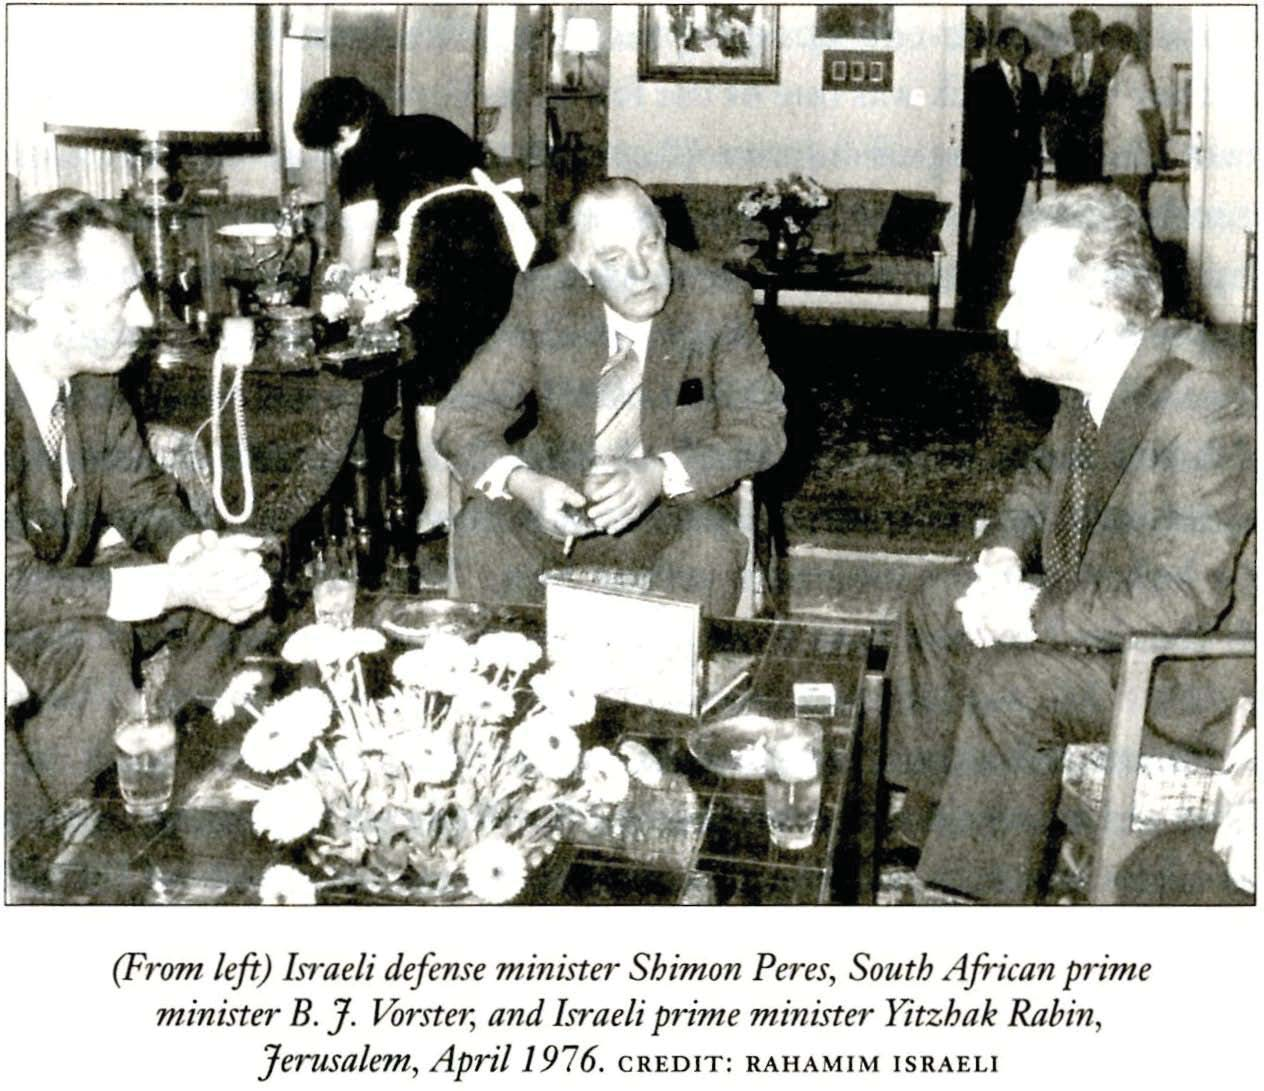 south african apartheid voerster and israeli leaders